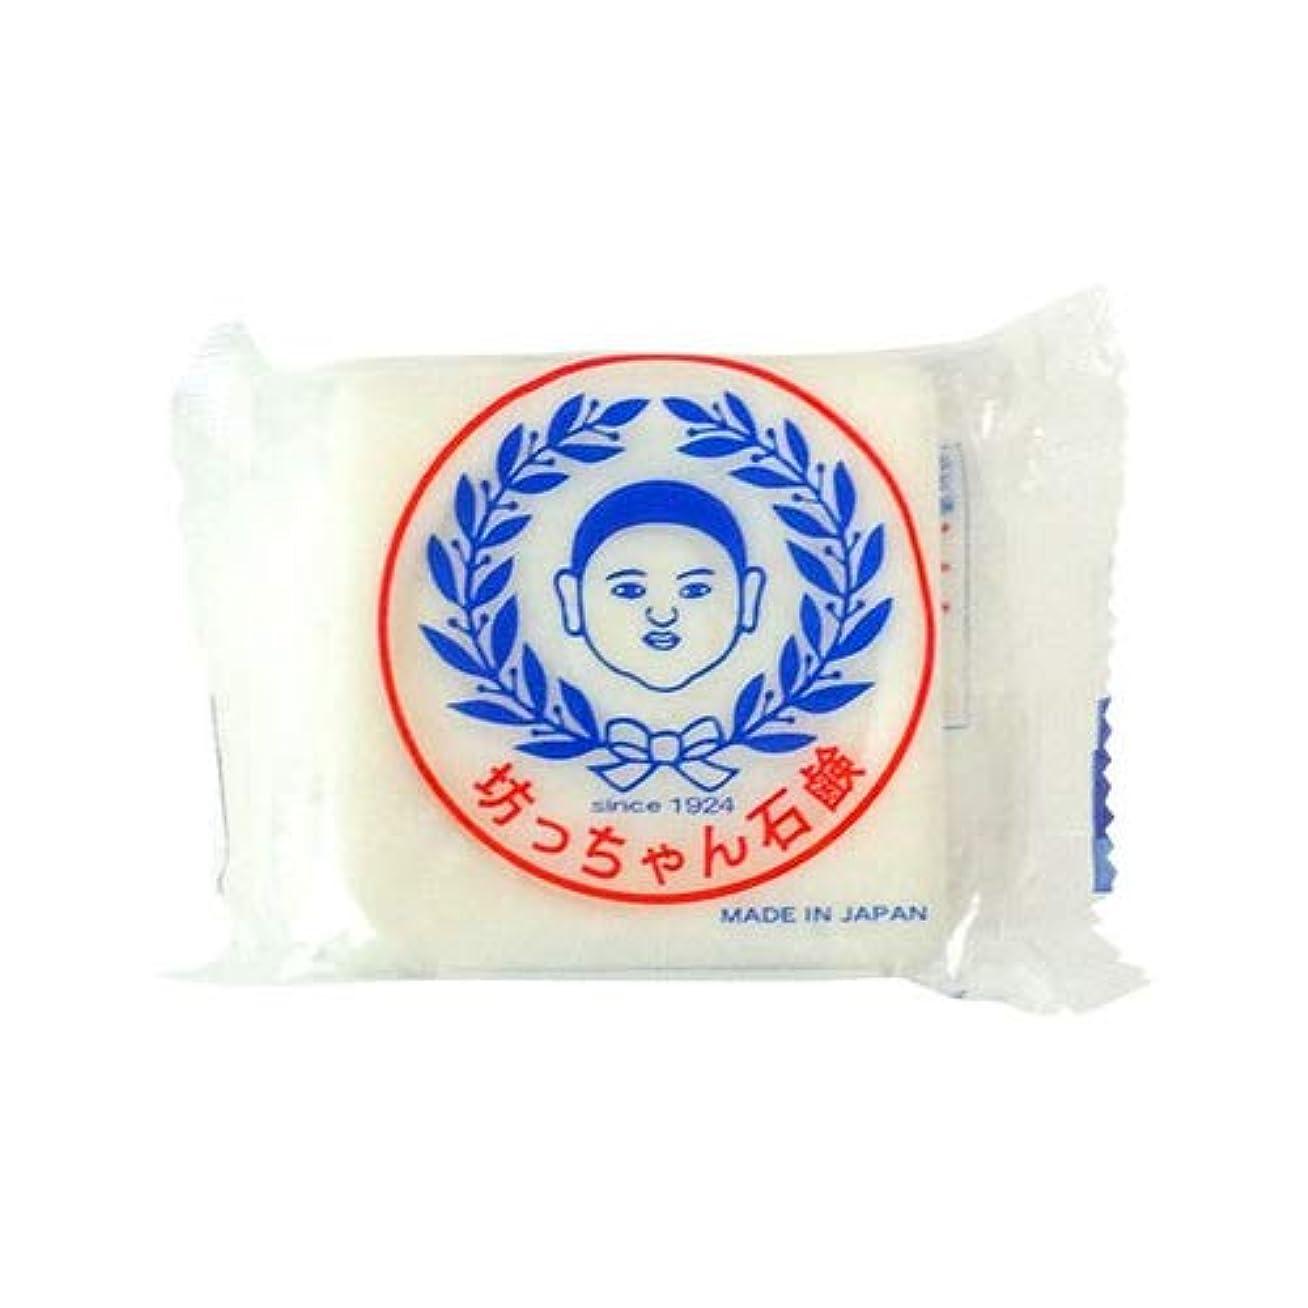 実行お金ゴム健康的坊っちゃん石鹸 ミニサイズ 100g